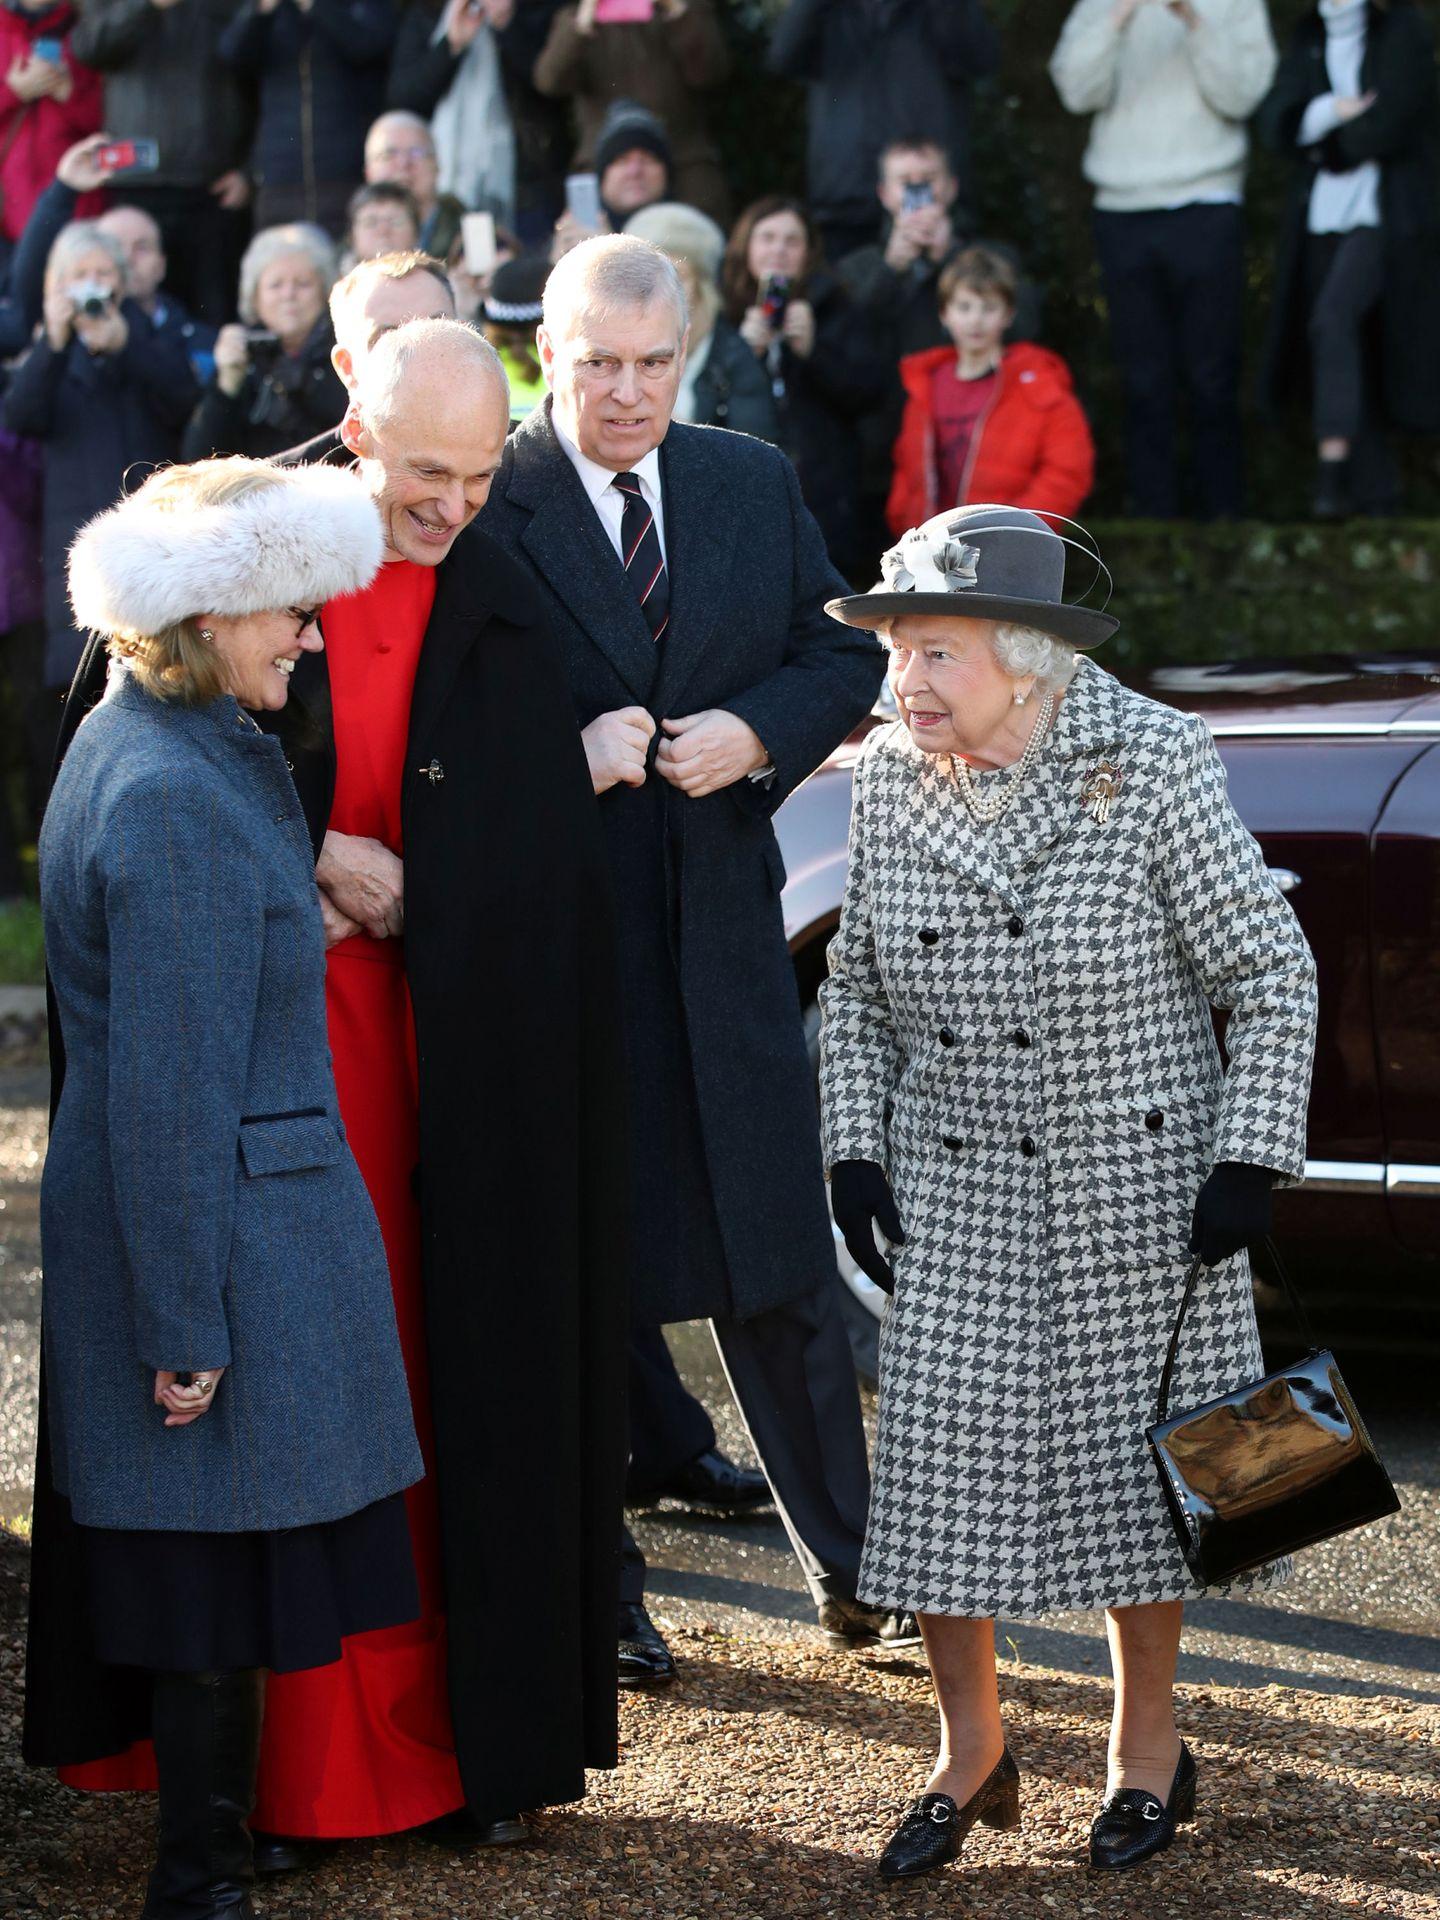 La reina Isabel II, junto al príncipe Andrés hace unos días. (Reuters)